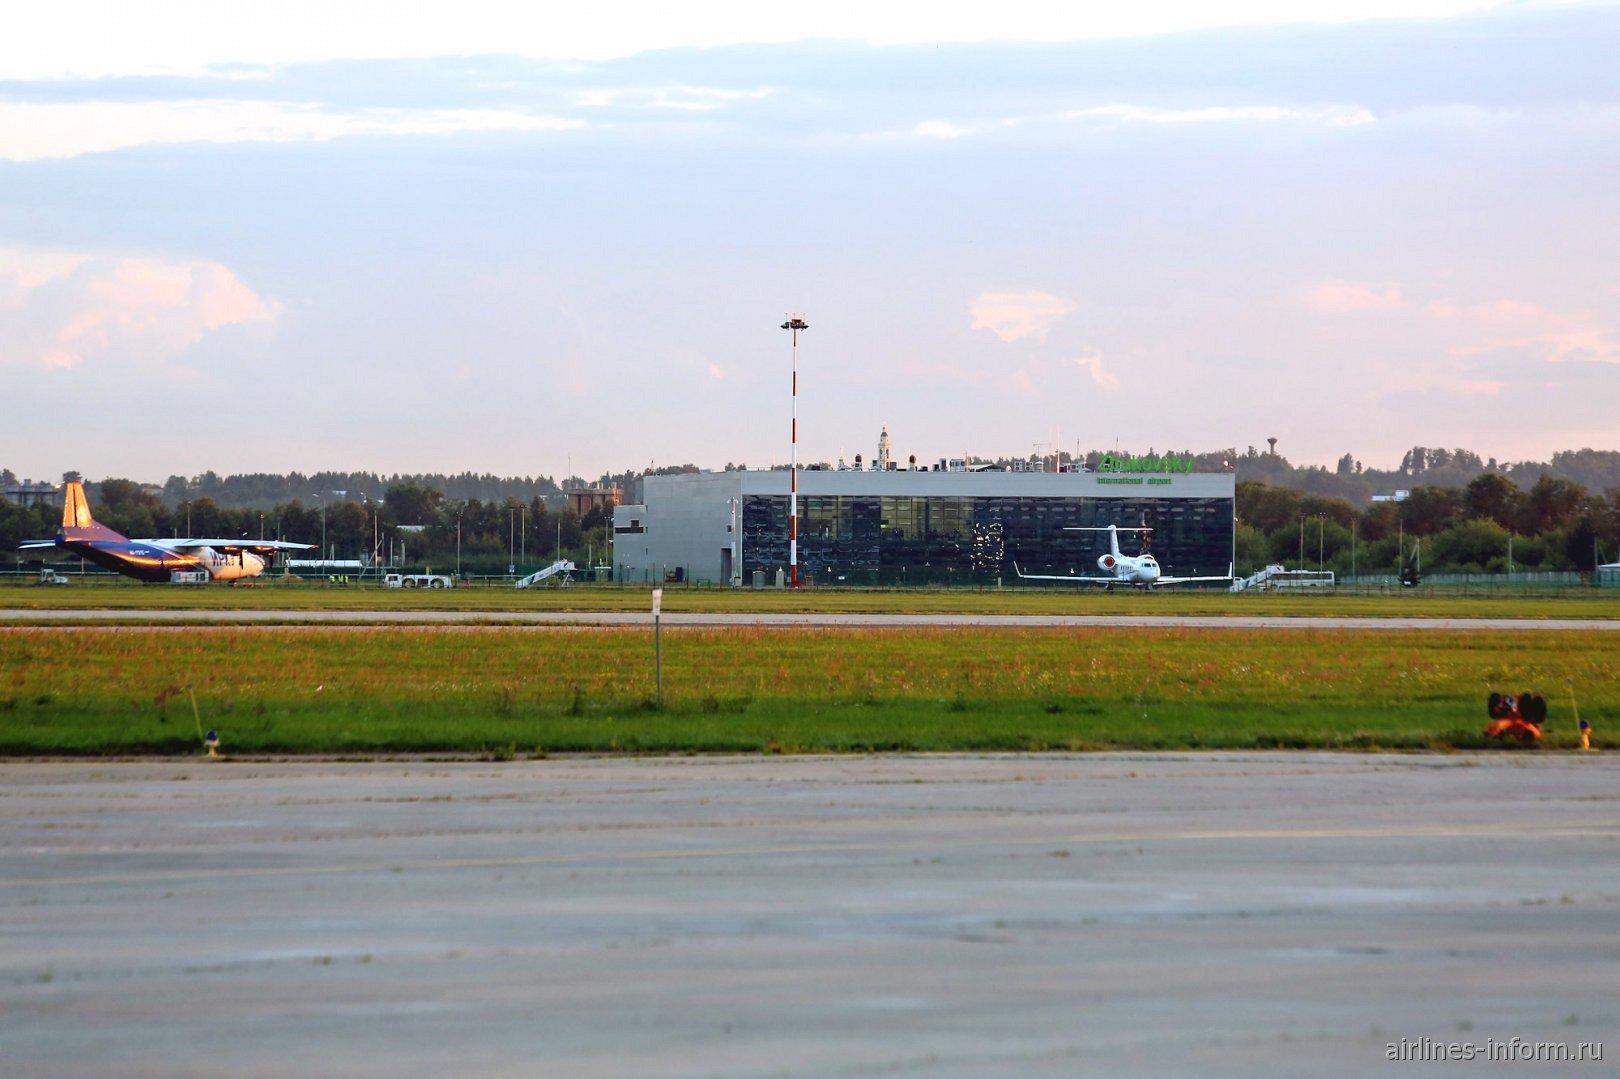 Фото аэропорта Жуковский со стороны летного поля